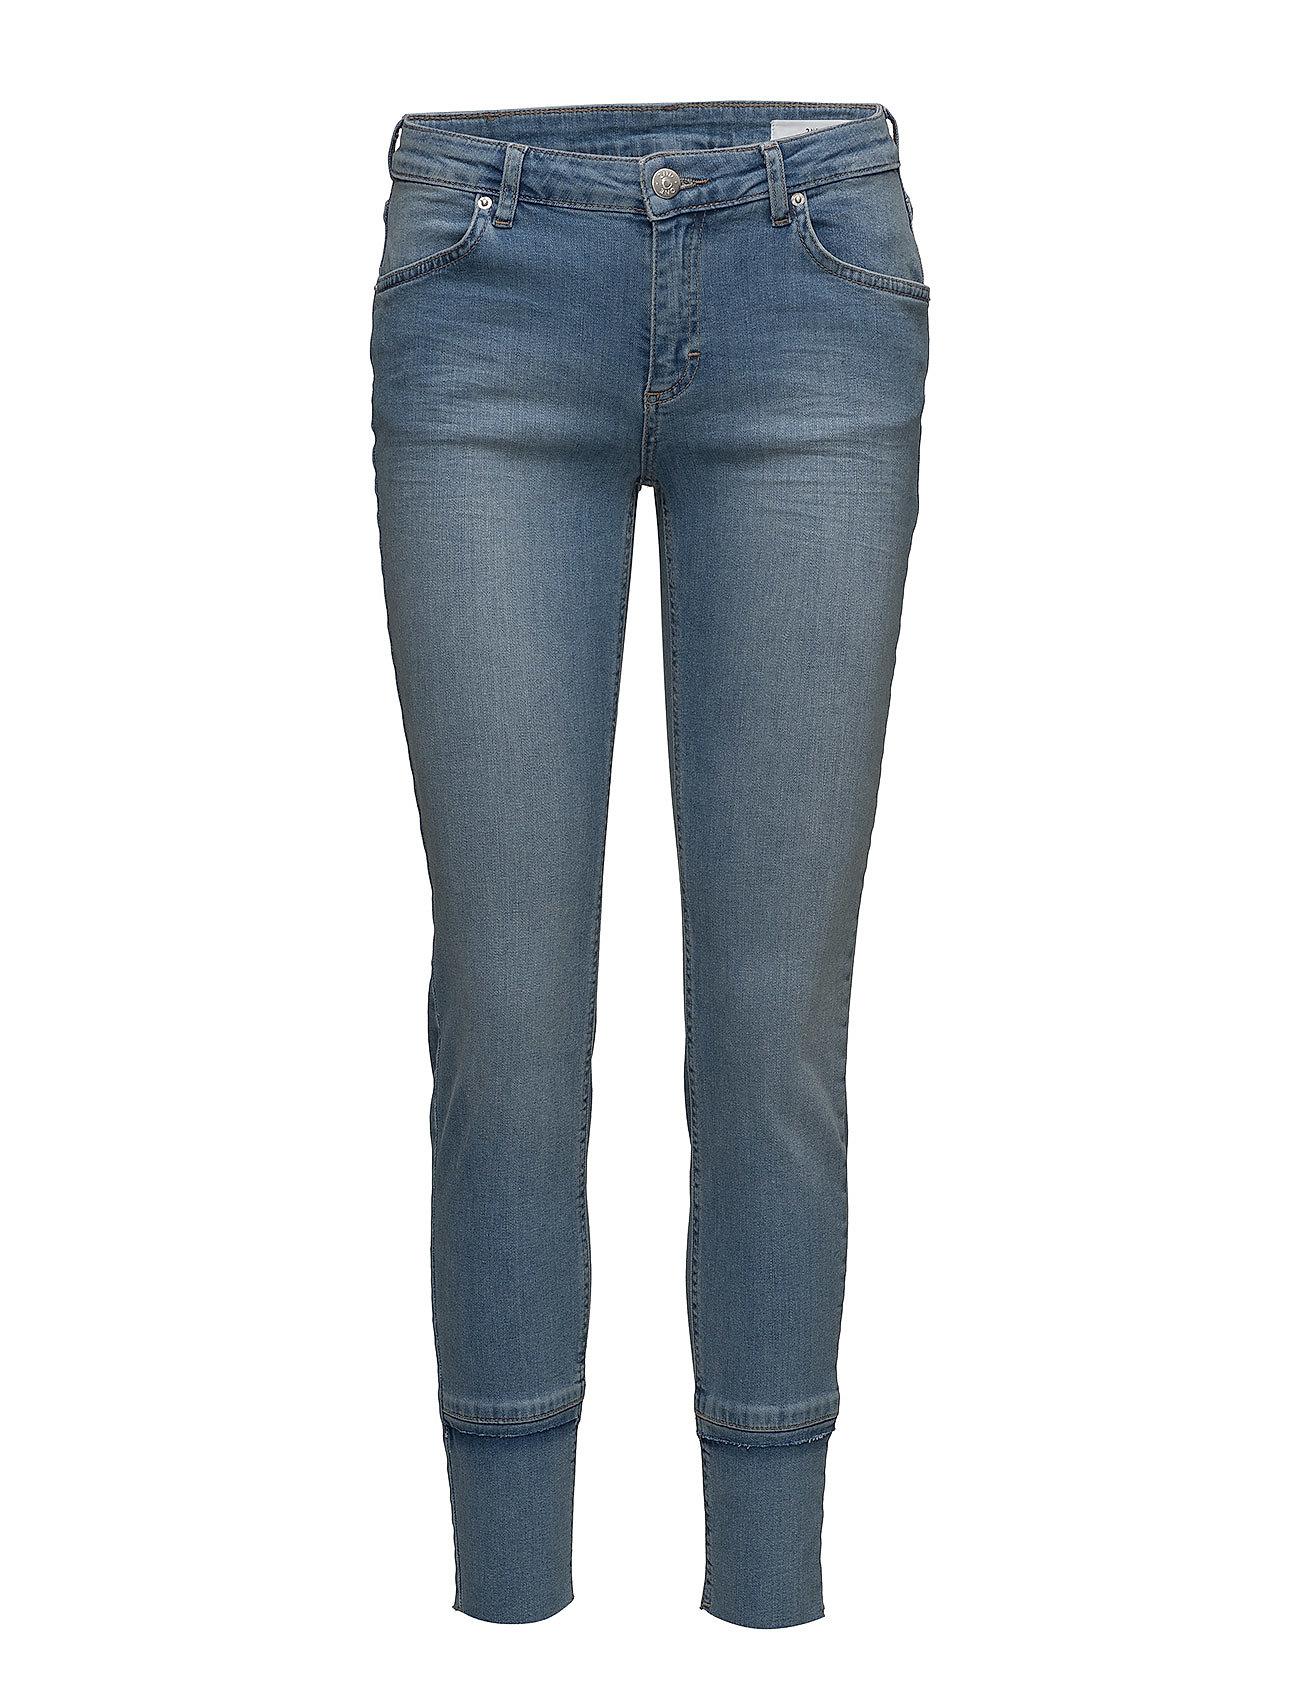 56c1f0f2c24 Handla kläder och mode från 2nd One online: Solange 833 Raw Stone ...